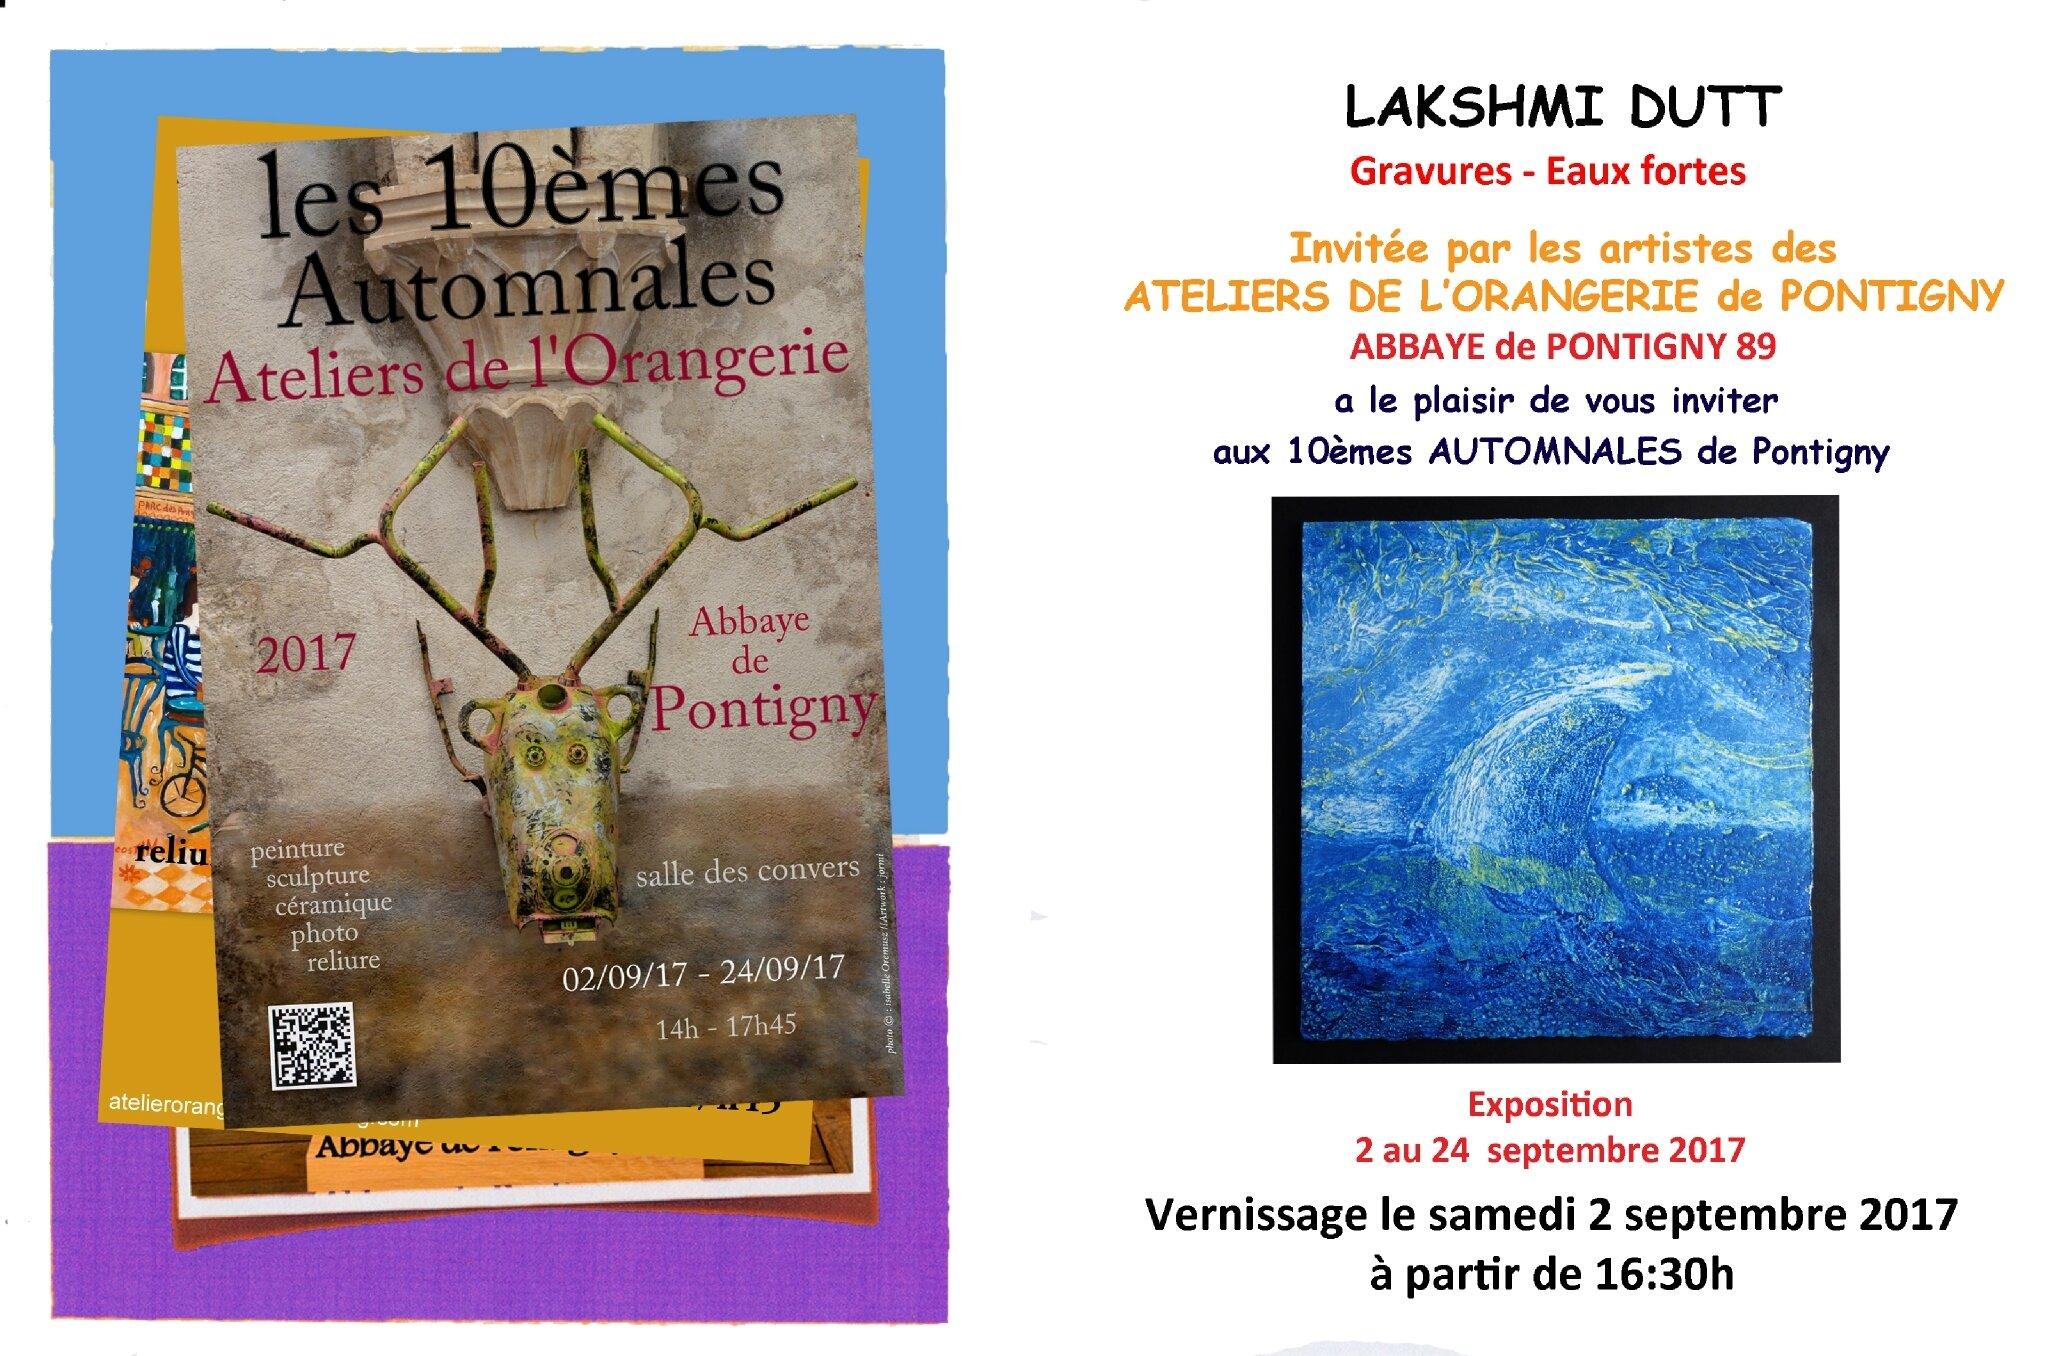 Prochaine Exposition Xes Automnales des Ateliers de l'Orangerie - Pontigny